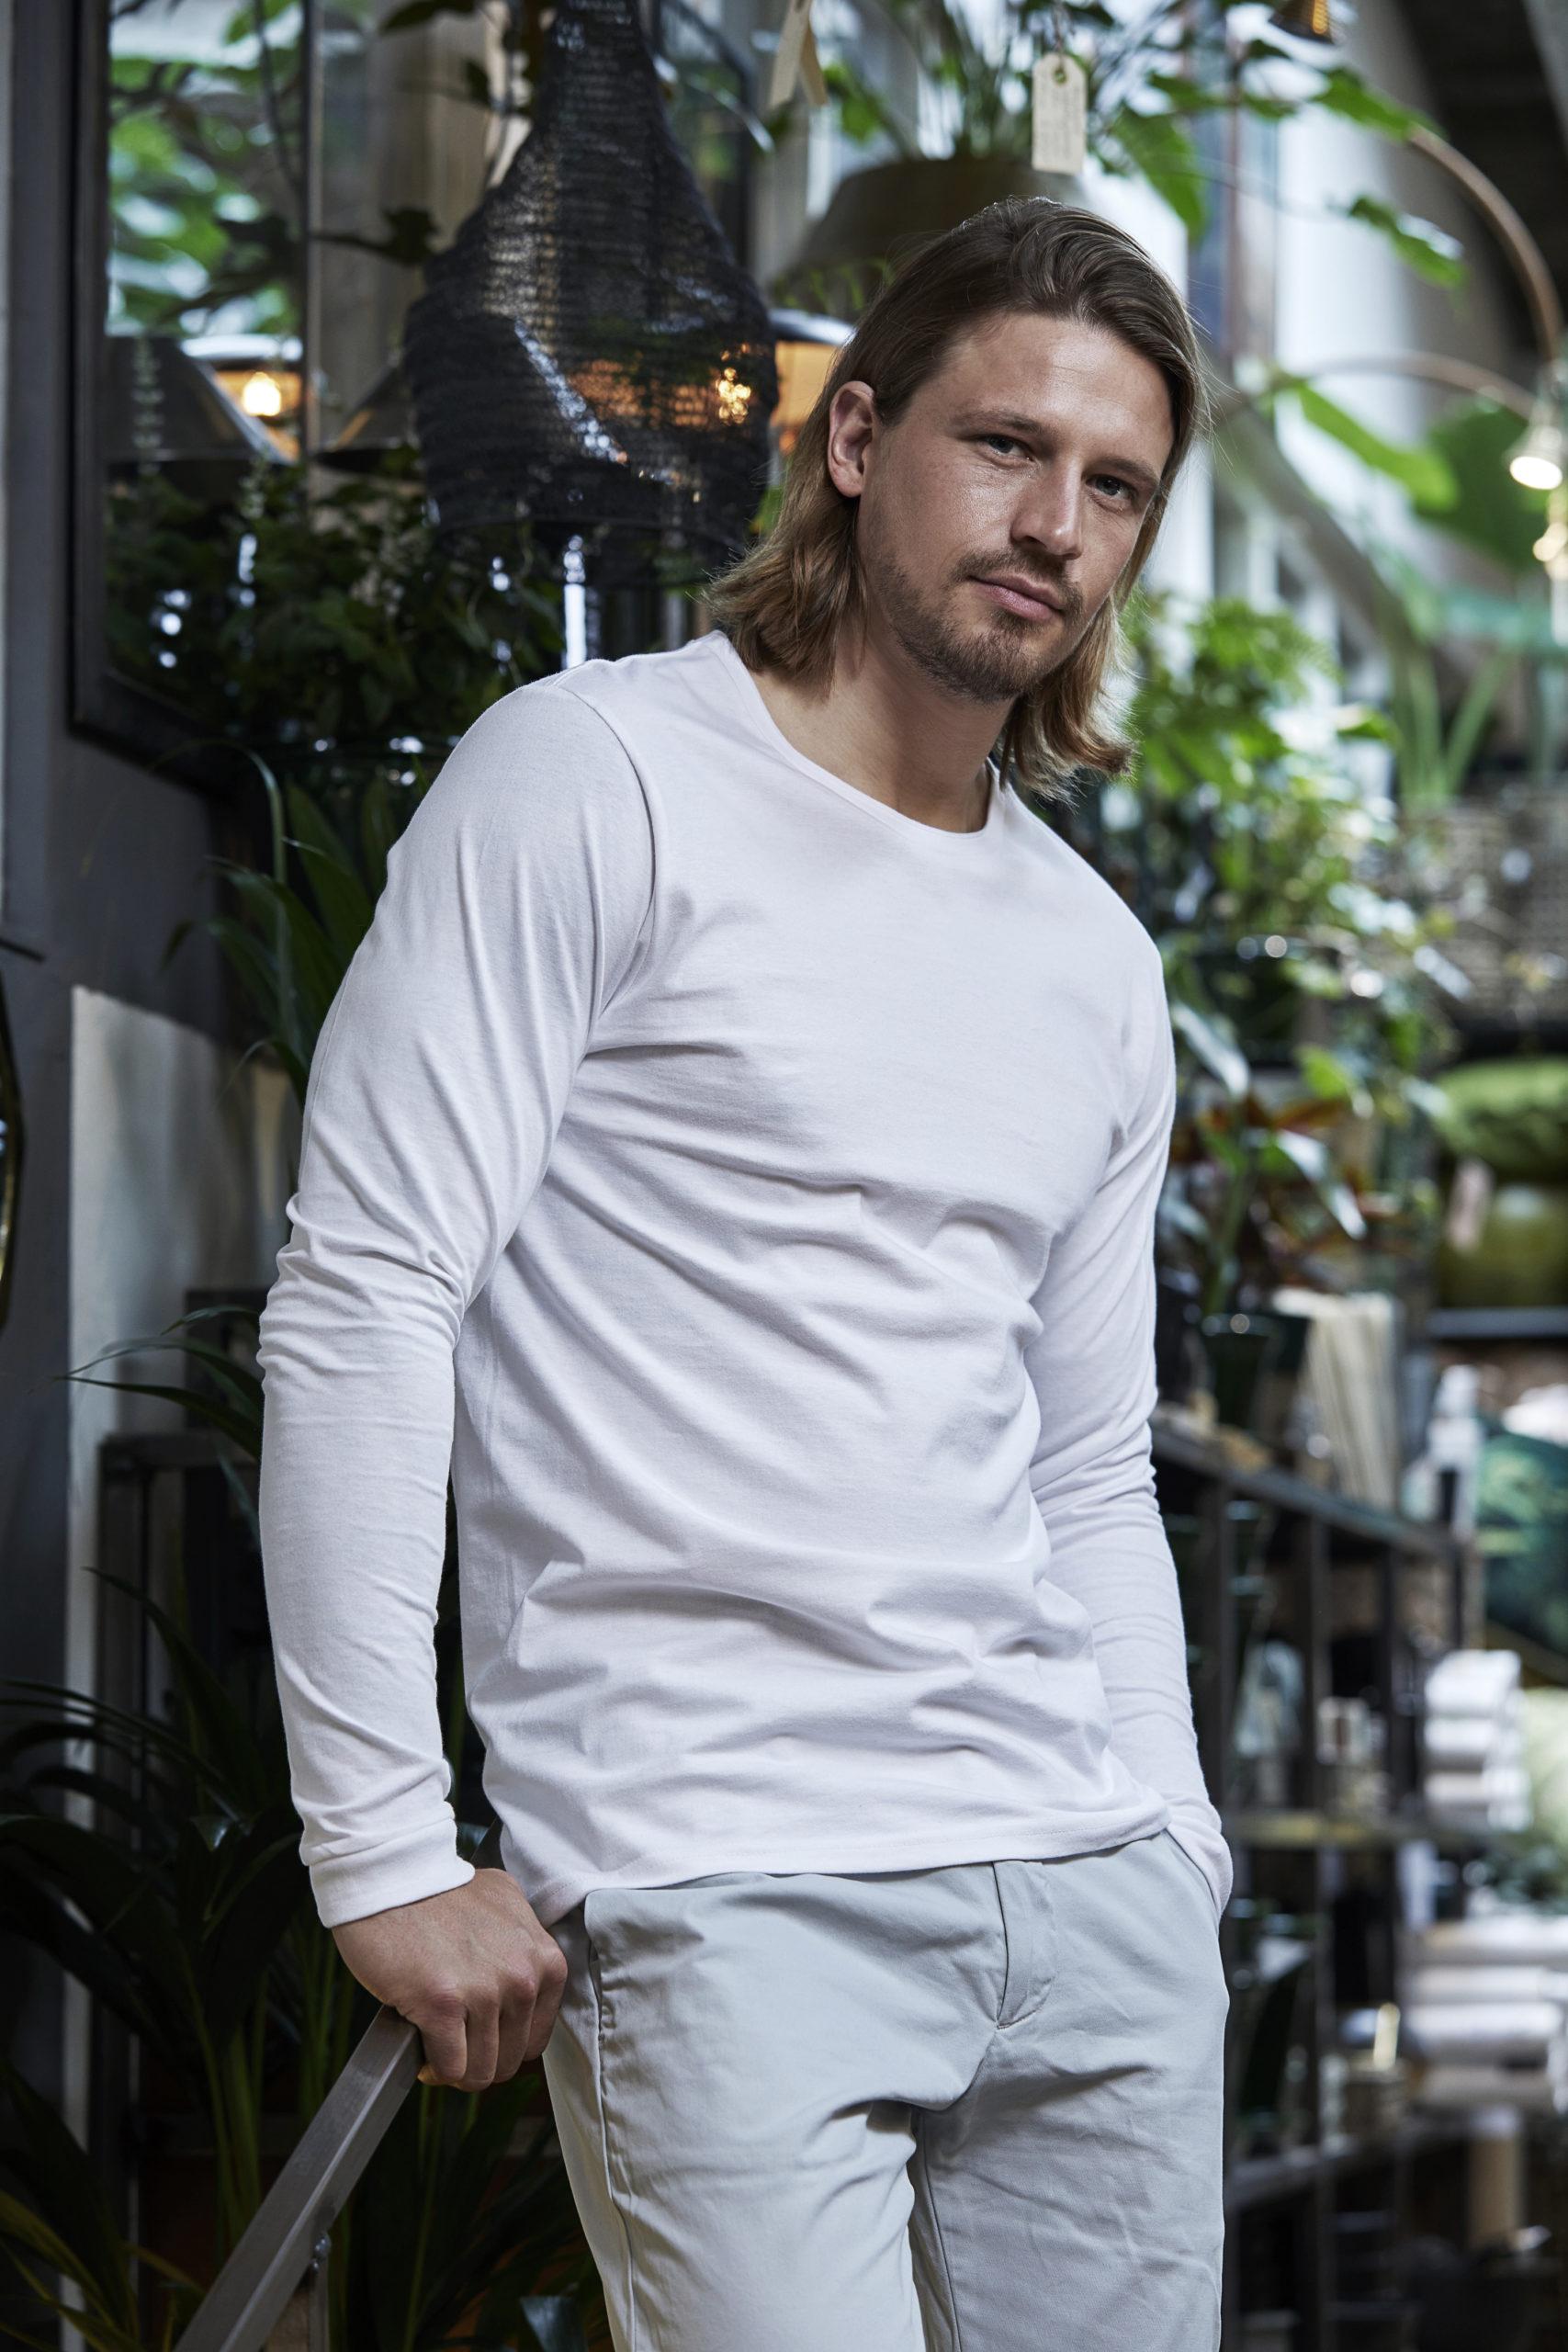 8007_T-shirt col rond pour Homme - Coton prérétréci 2 fois - Bande de propreté - Modèle moulant - Manches Longues, Tee Jays, 109 t-shirts